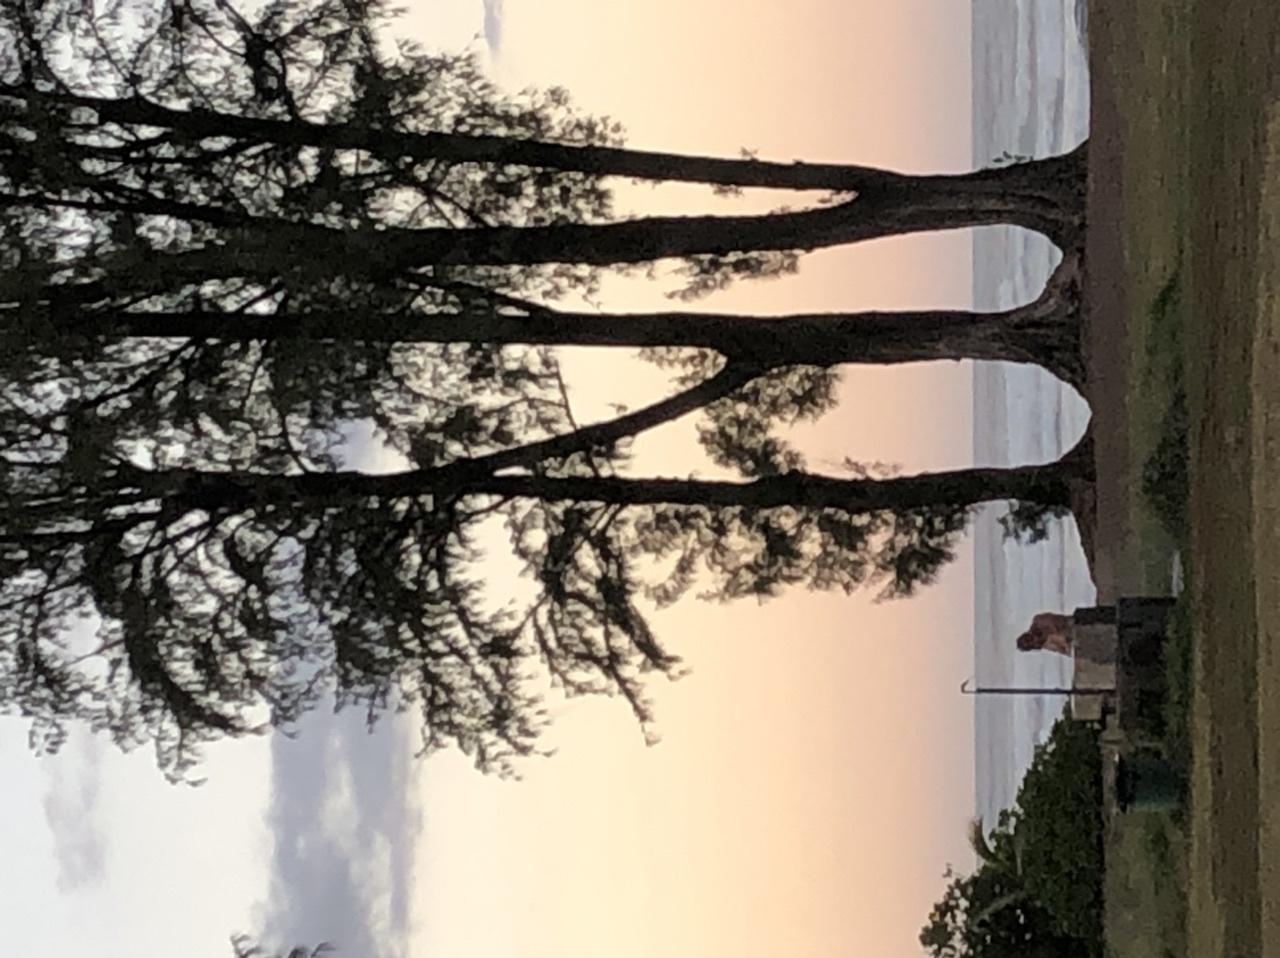 天候に恵まれ最高の夕日と星空がみれた。 亀さんも見れました。 星空は蚊に刺されます。 ガイドさんが面白い。